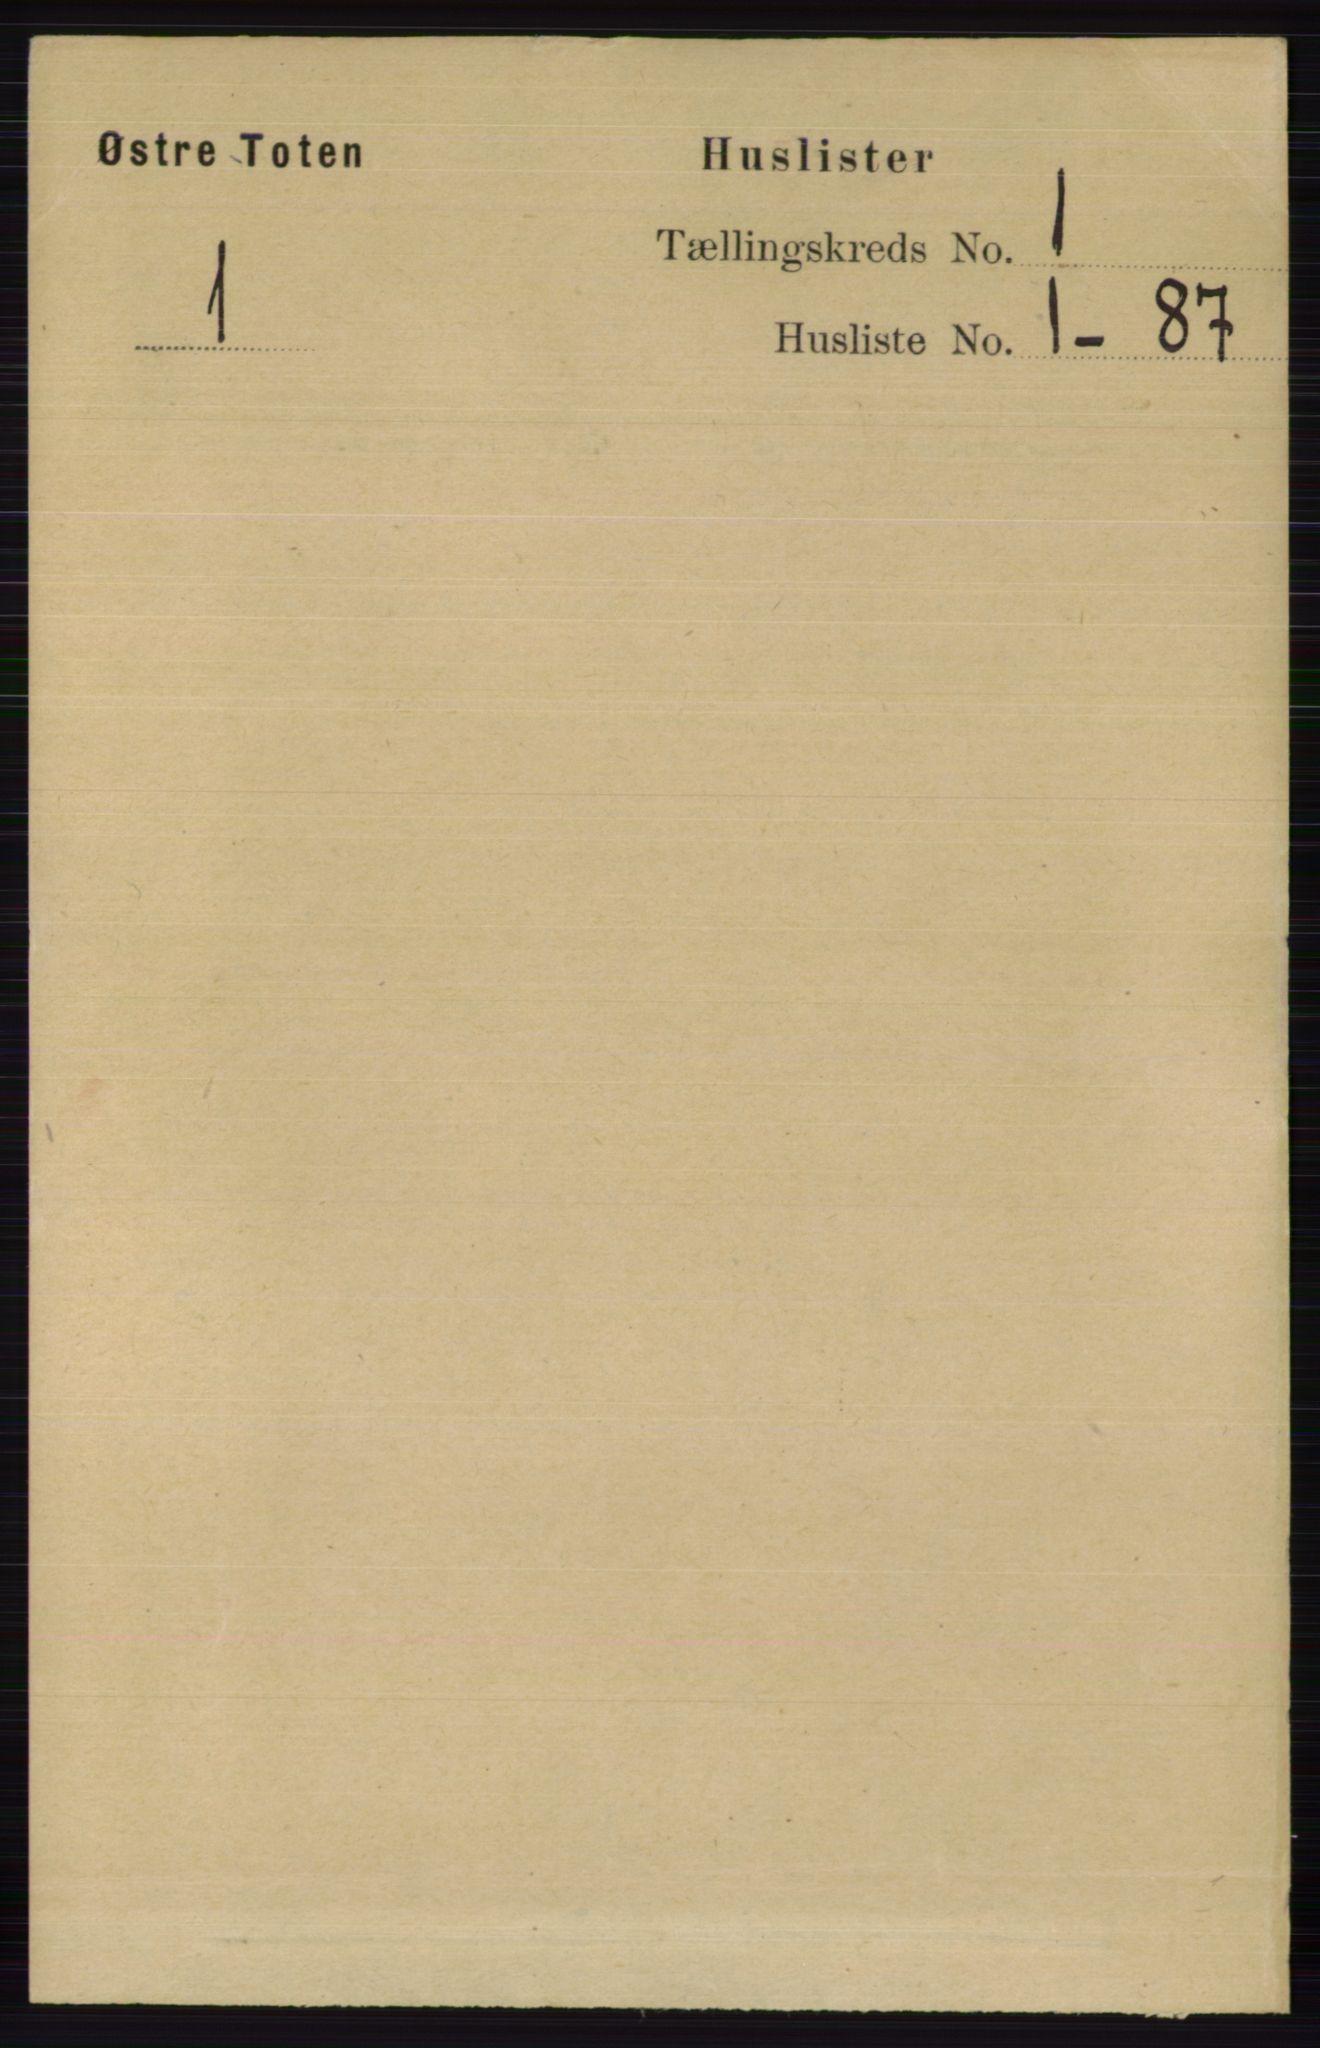 RA, Folketelling 1891 for 0528 Østre Toten herred, 1891, s. 51